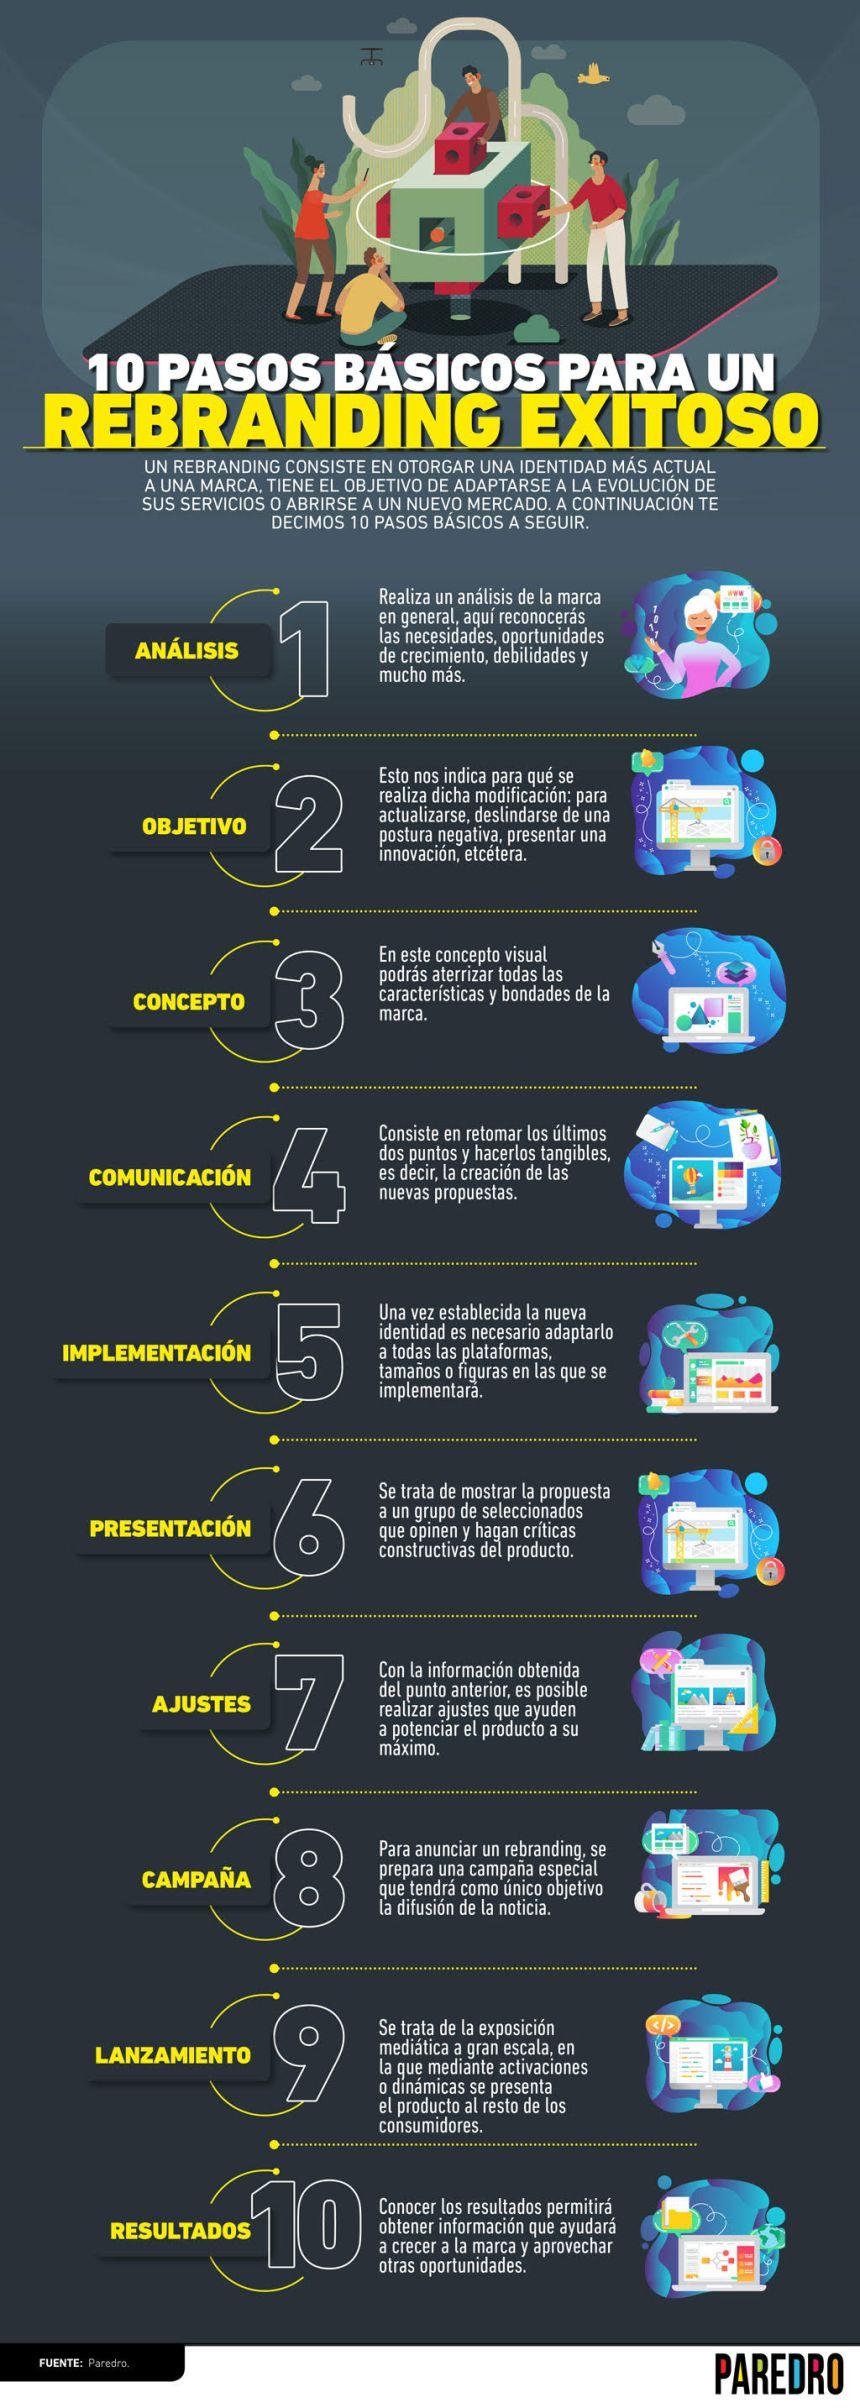 10 pasos básicos para un Rebranding de éxito